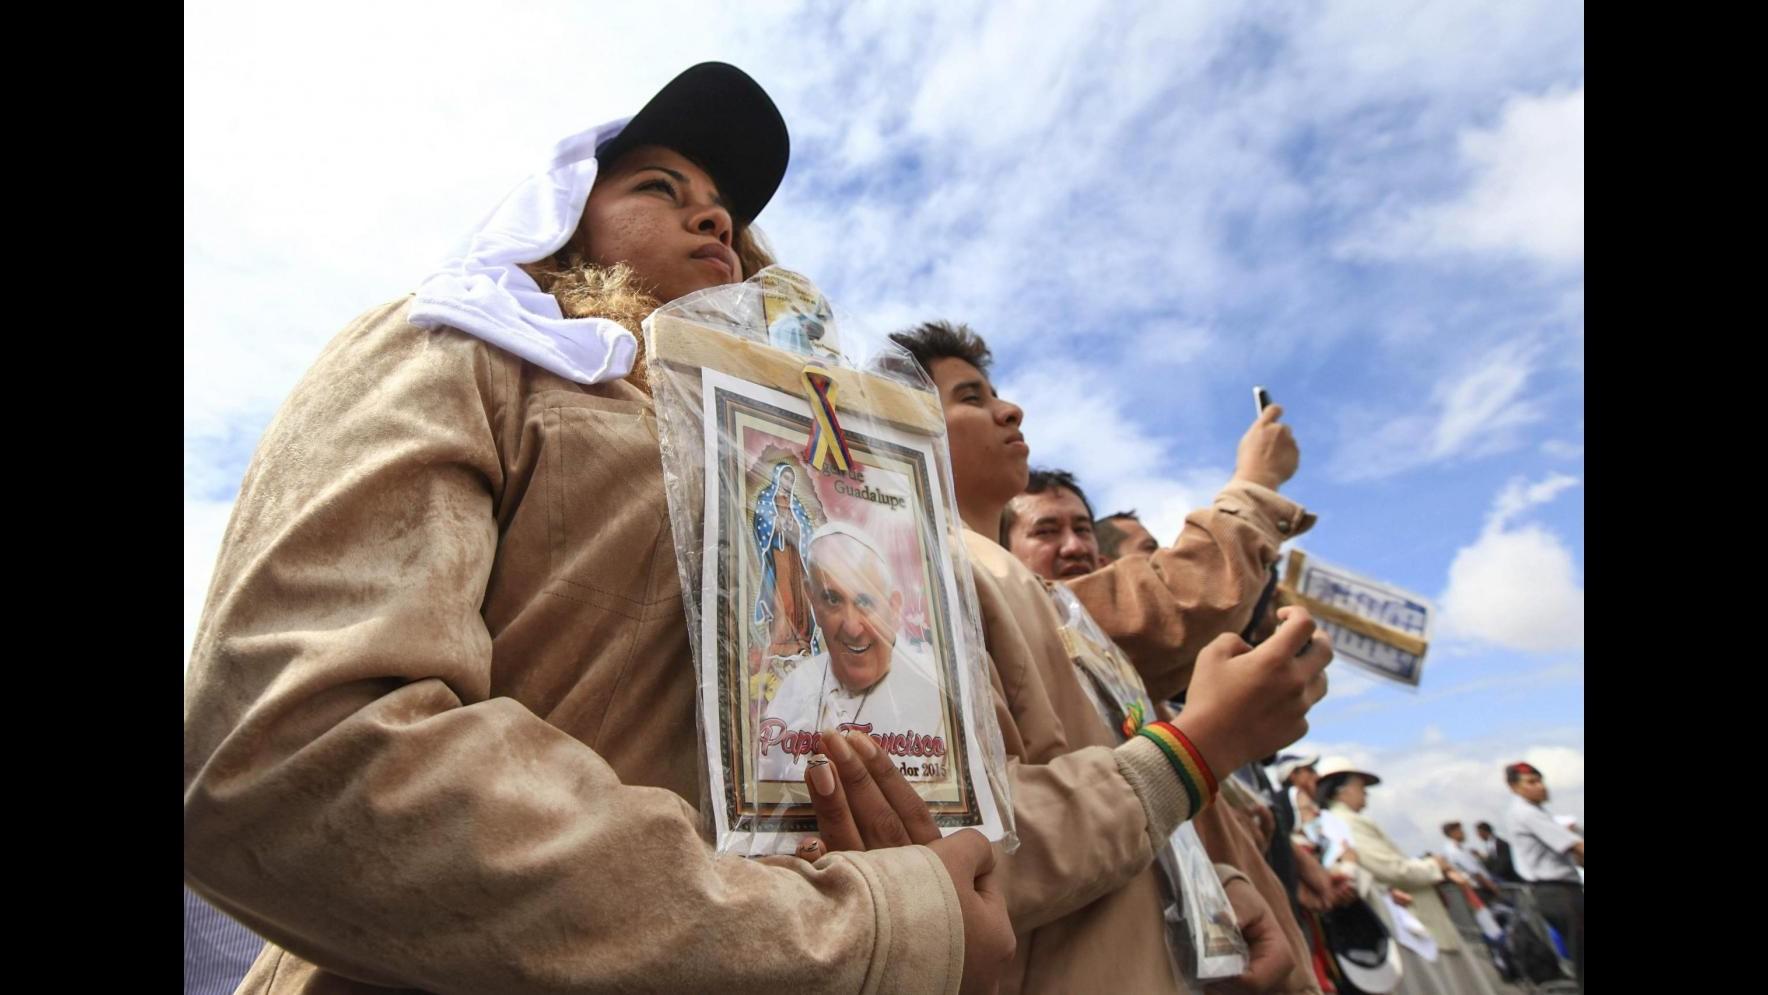 Papa: Necessarie riforme in Sudamerica per allontare il ricordo delle dittature